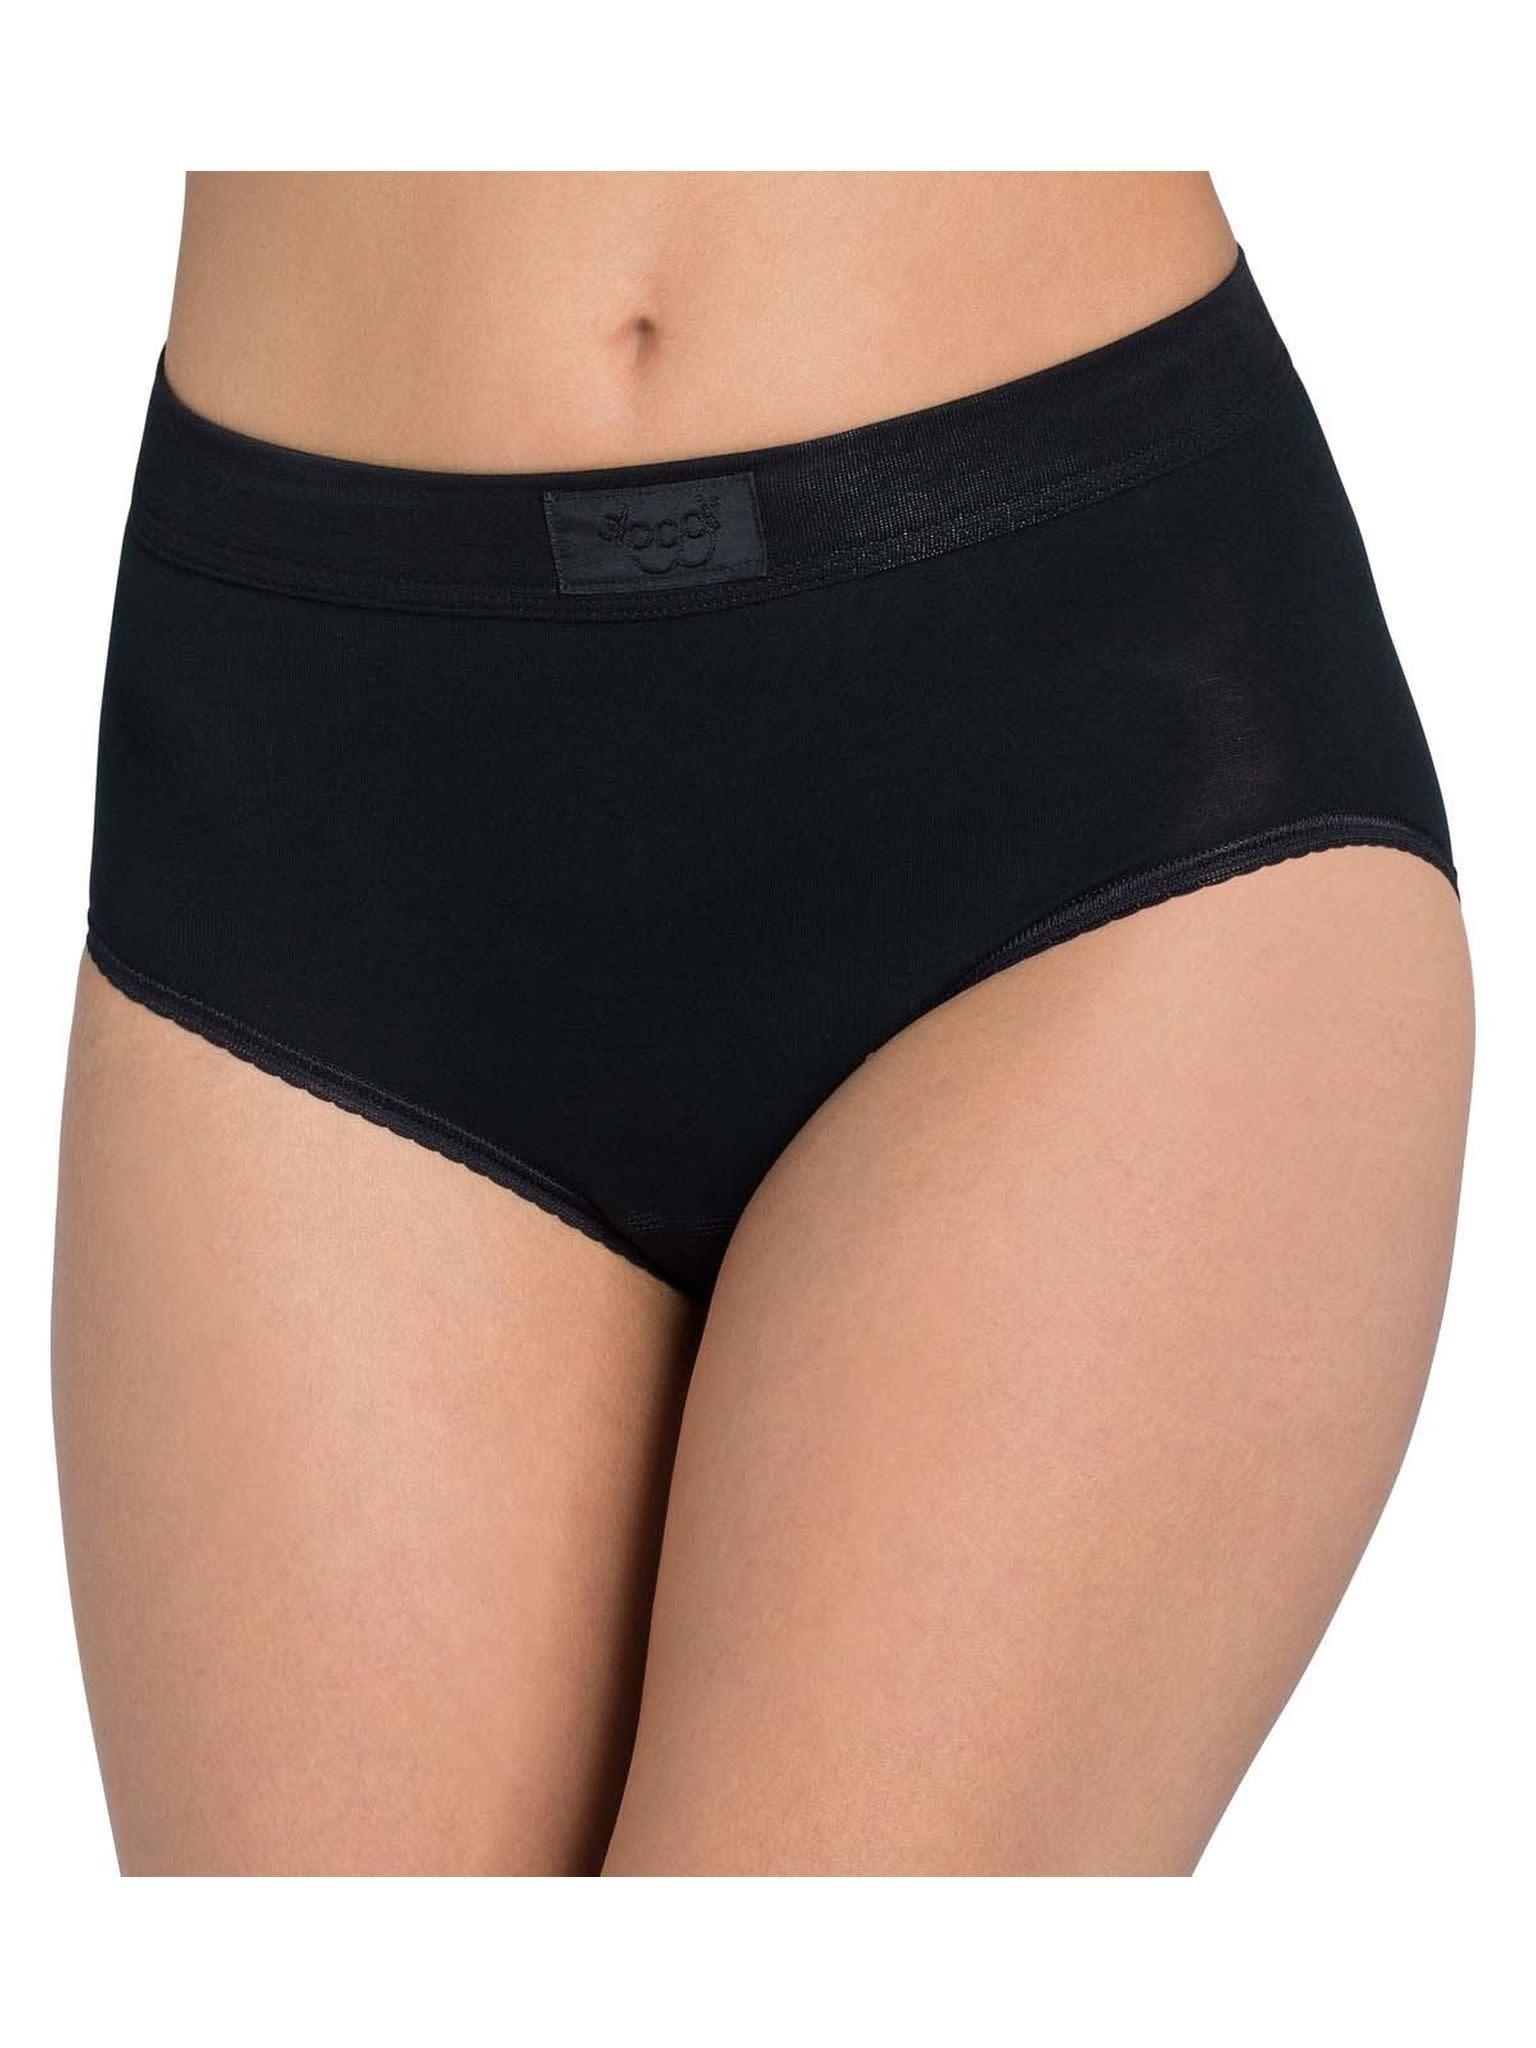 Maxi Double Comfort 10010178 - zwart-1